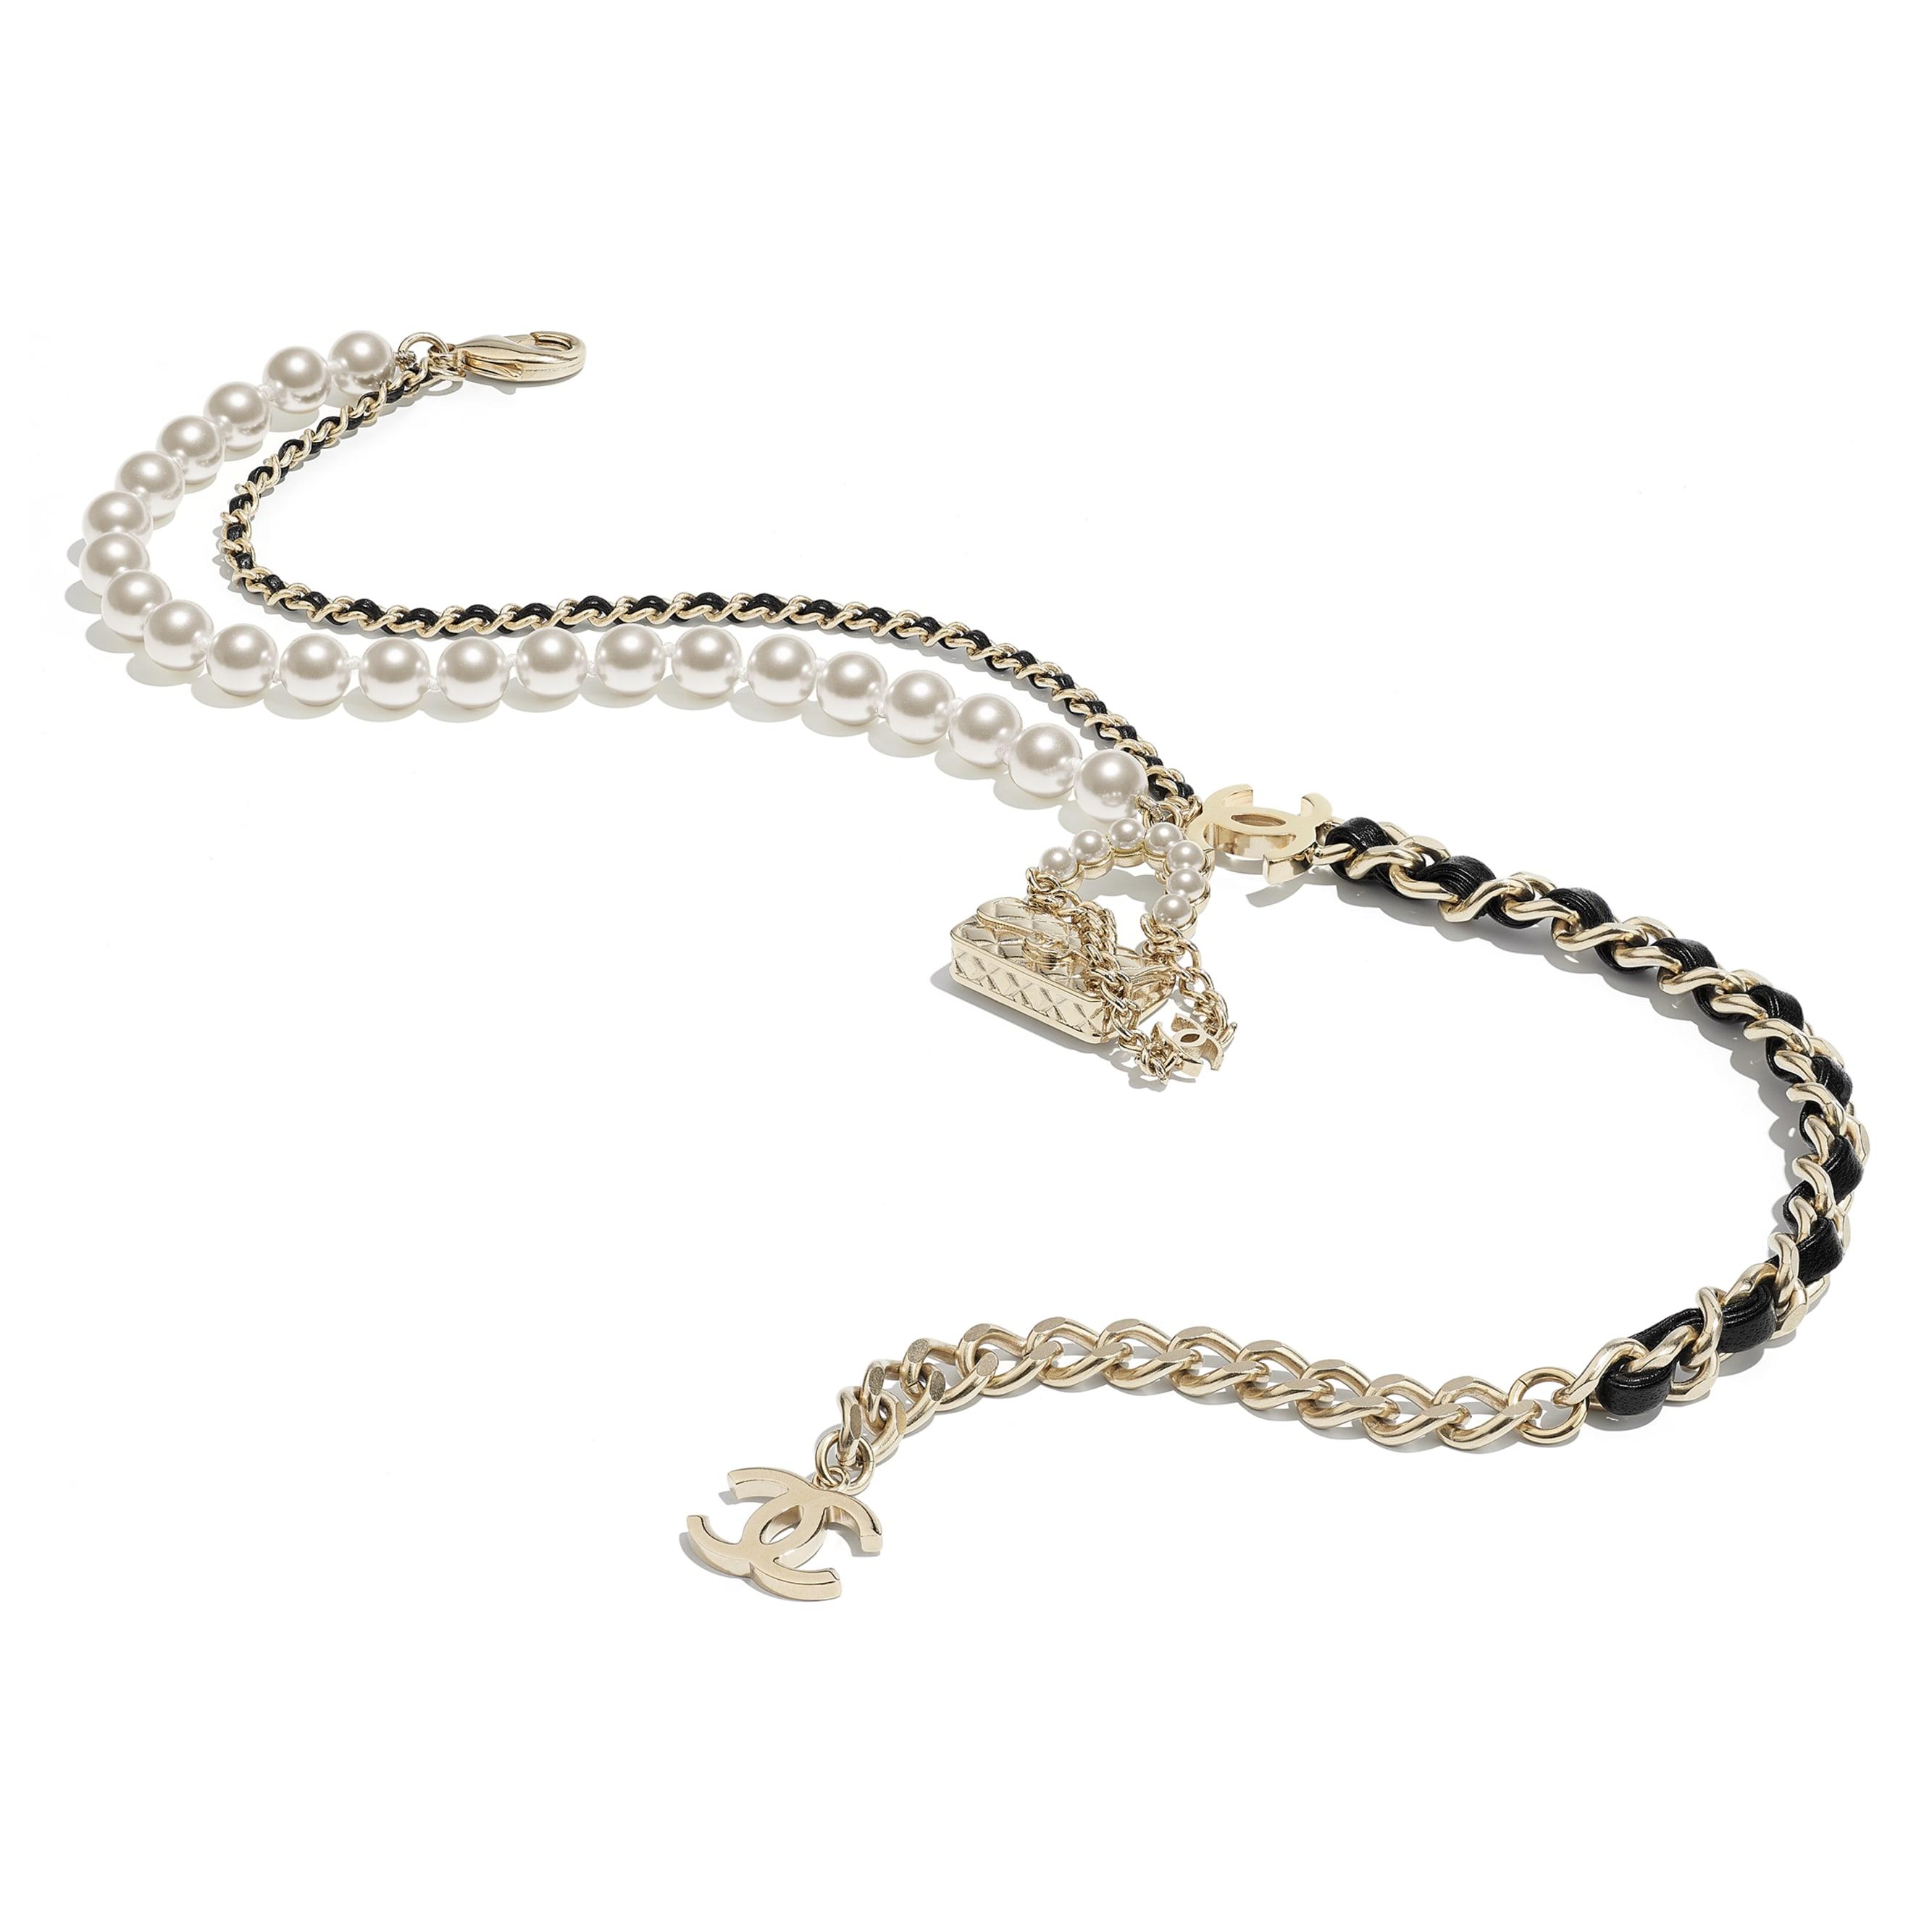 Collana - Oro, nero & bianco perlato - Metallo, pelle di agnello & perle in pasta di vetro - CHANEL - Immagine diversa - vedere versione standard